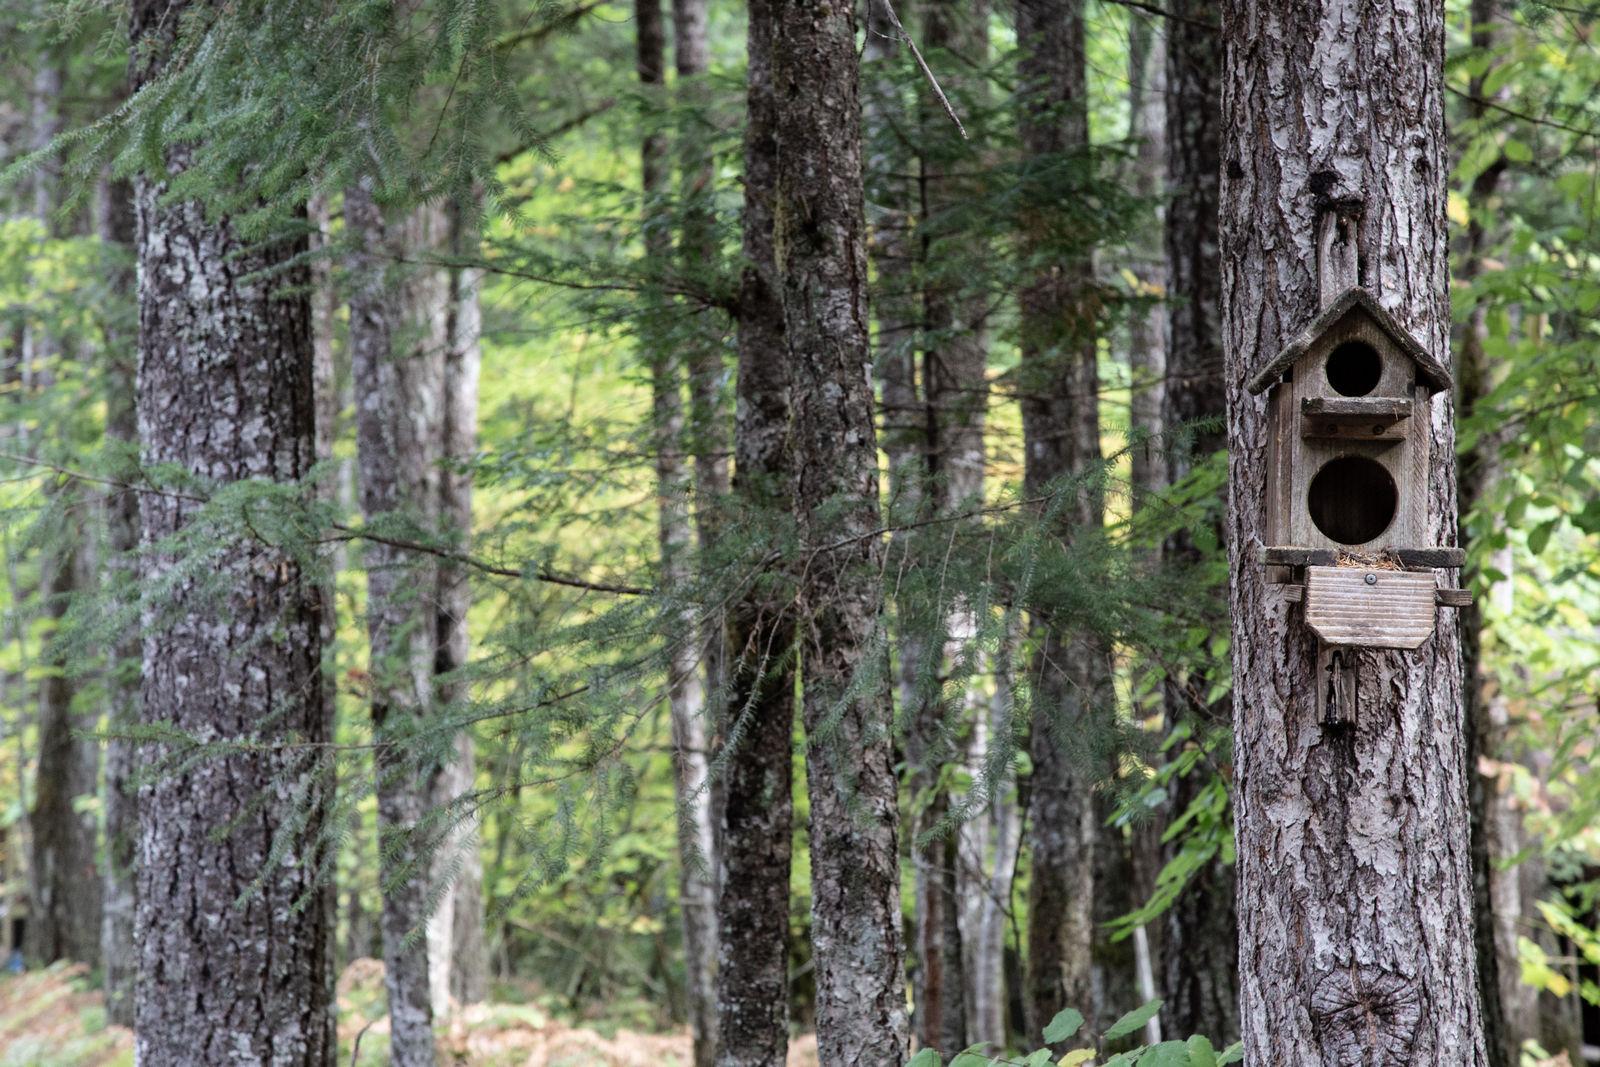 Dejamos atrás el bosque que nos ha acunado tres noches